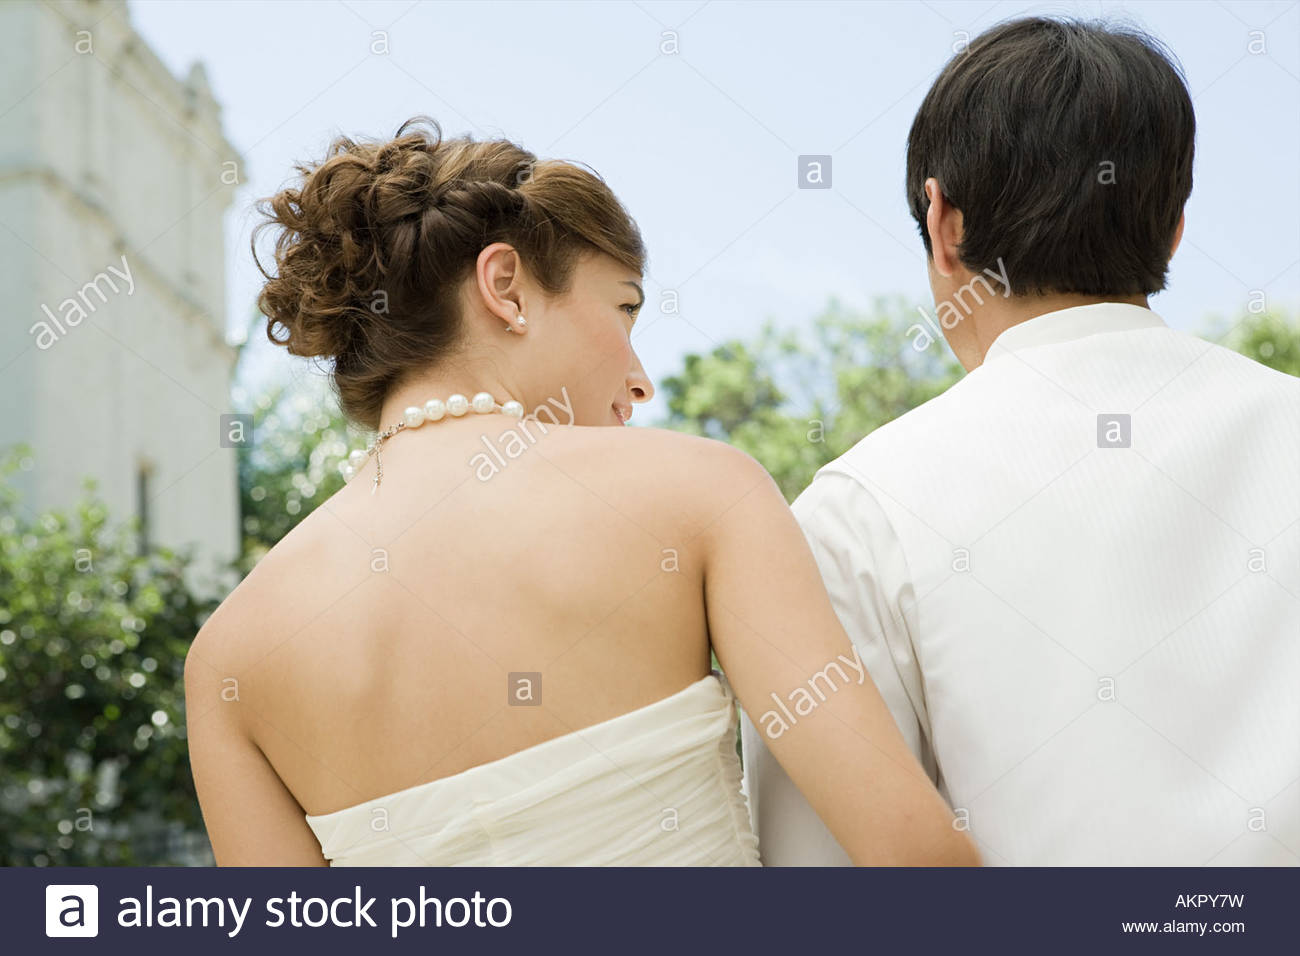 Vista trasera de la novia y el novio Imagen De Stock